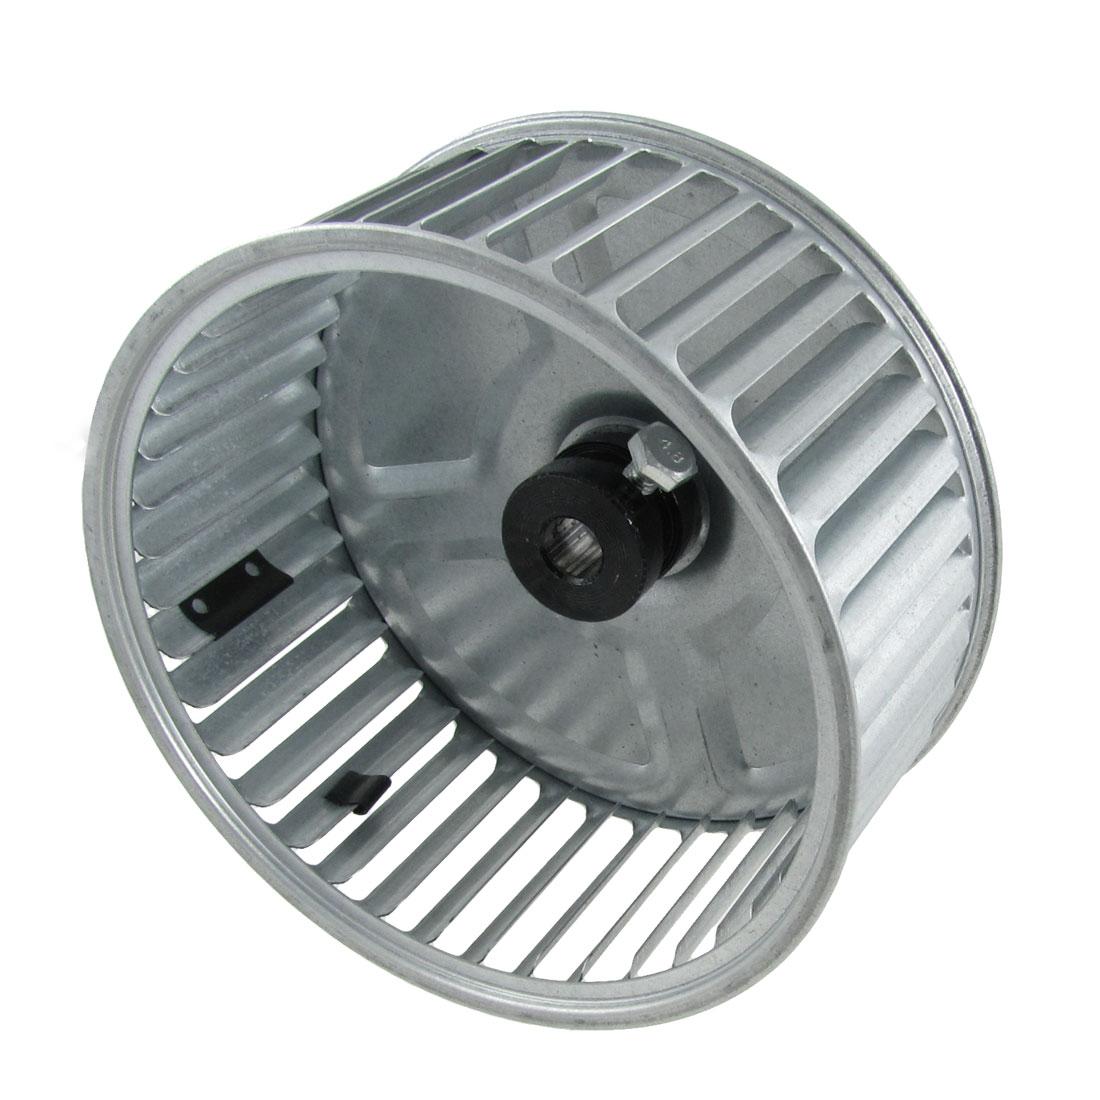 """6.8"""" Diameter Silver Tone Type B Vane Centrifugal Vane Motor Fan Impeller"""